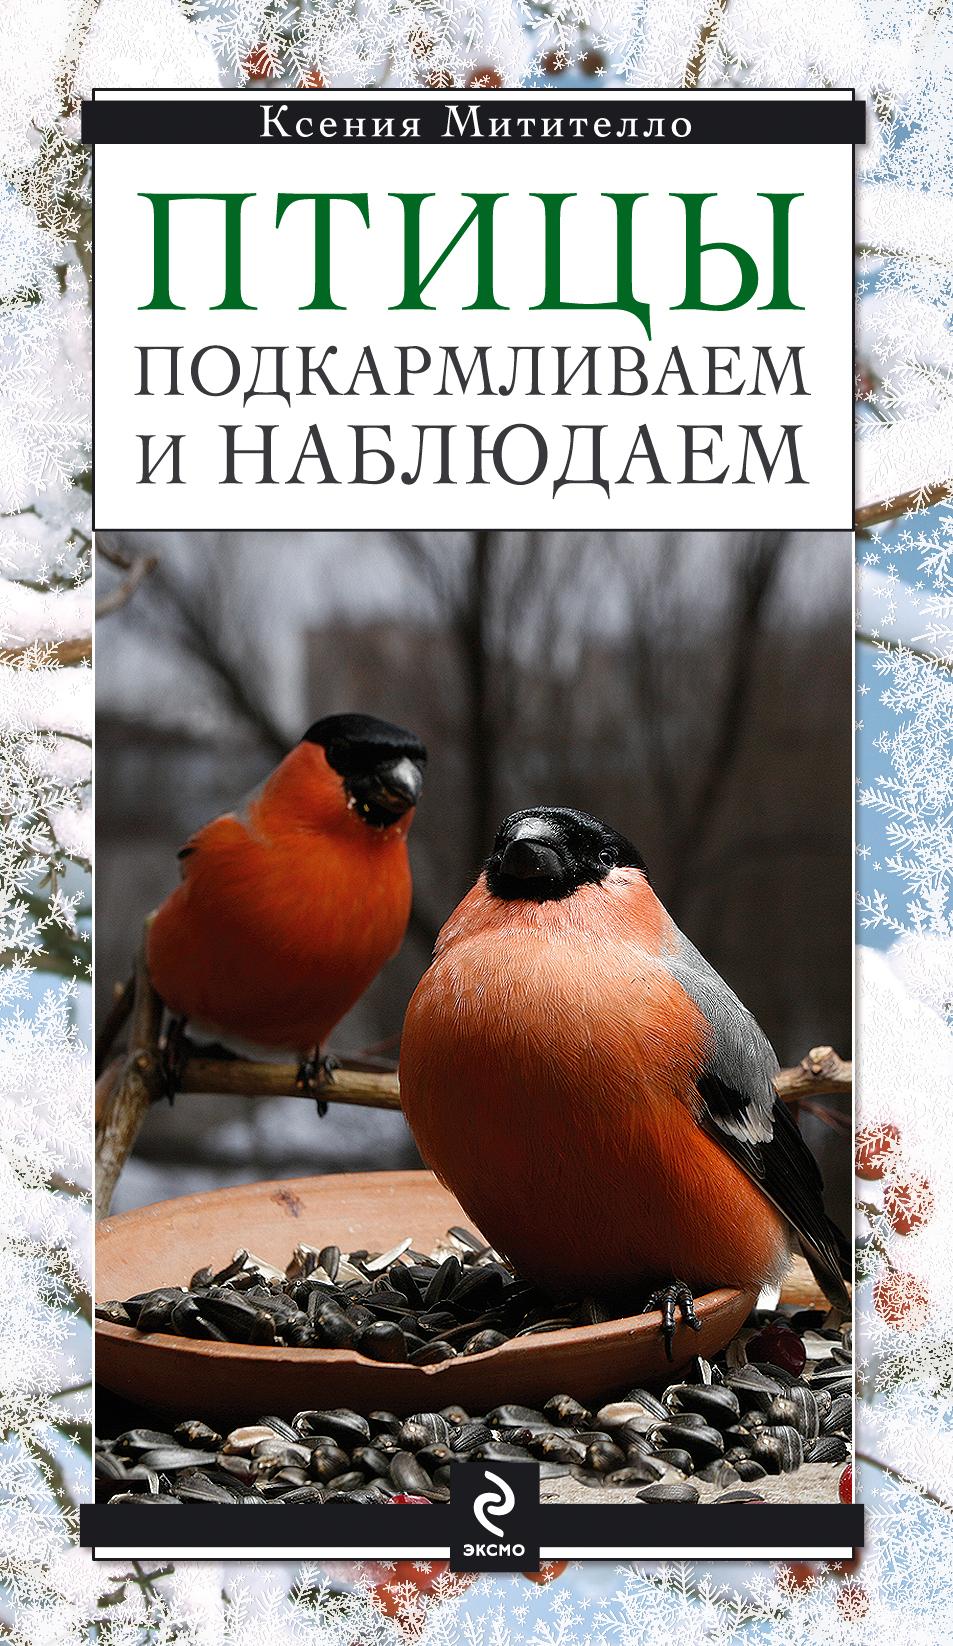 Птицы. Подкармливаем и наблюдаем